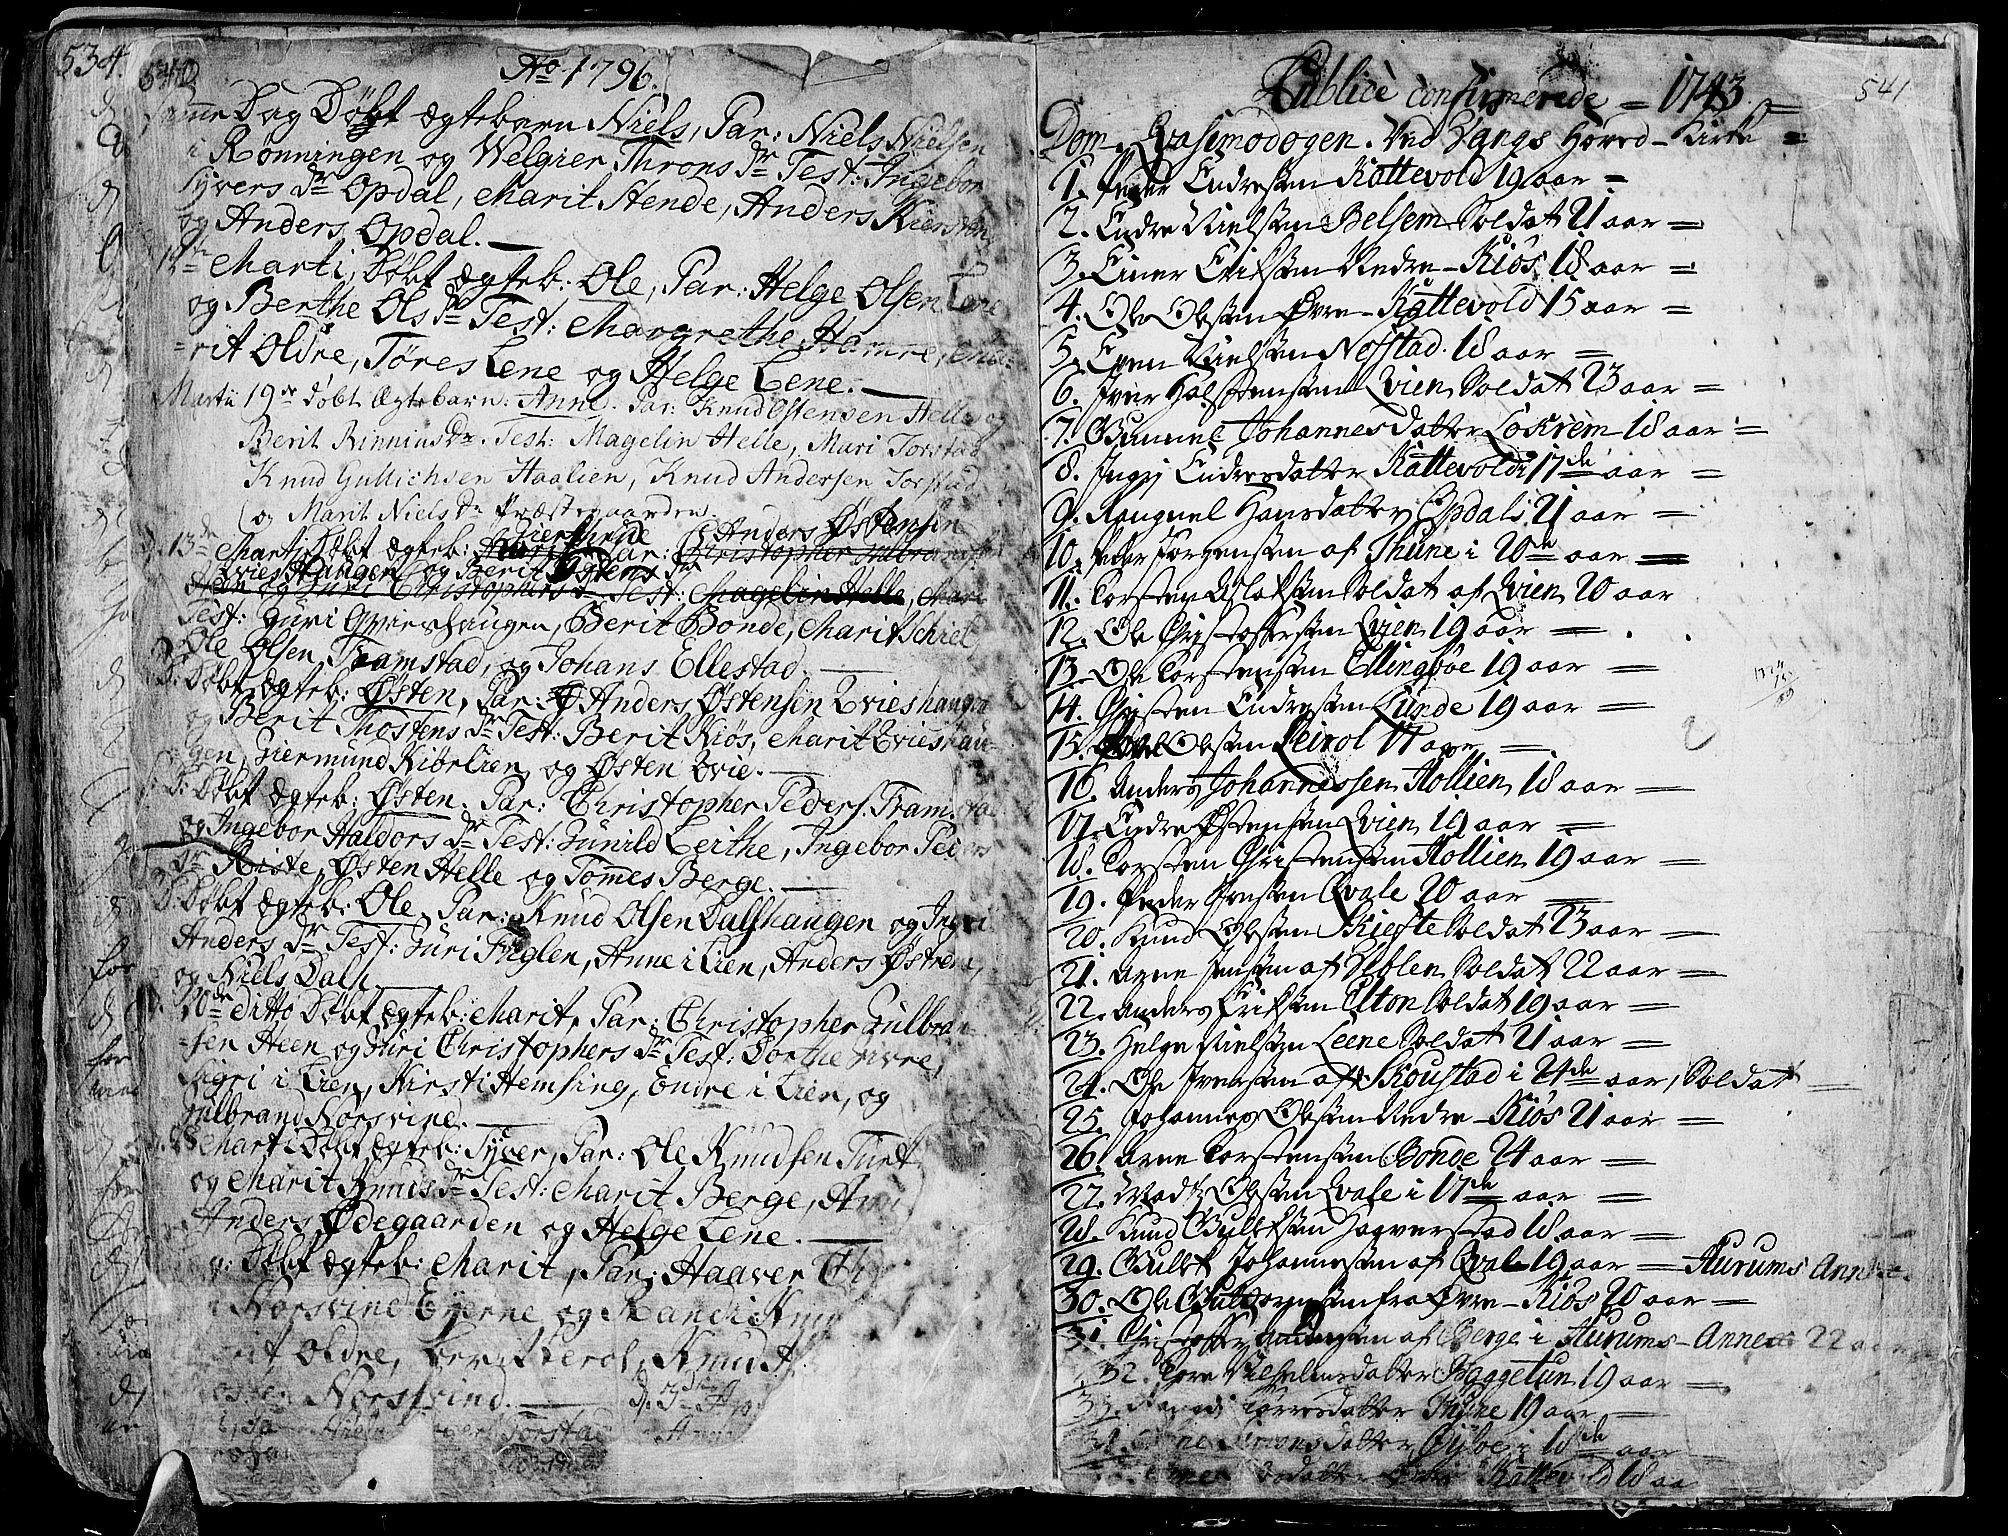 SAH, Vang prestekontor, Valdres, Ministerialbok nr. 1, 1730-1796, s. 540-541